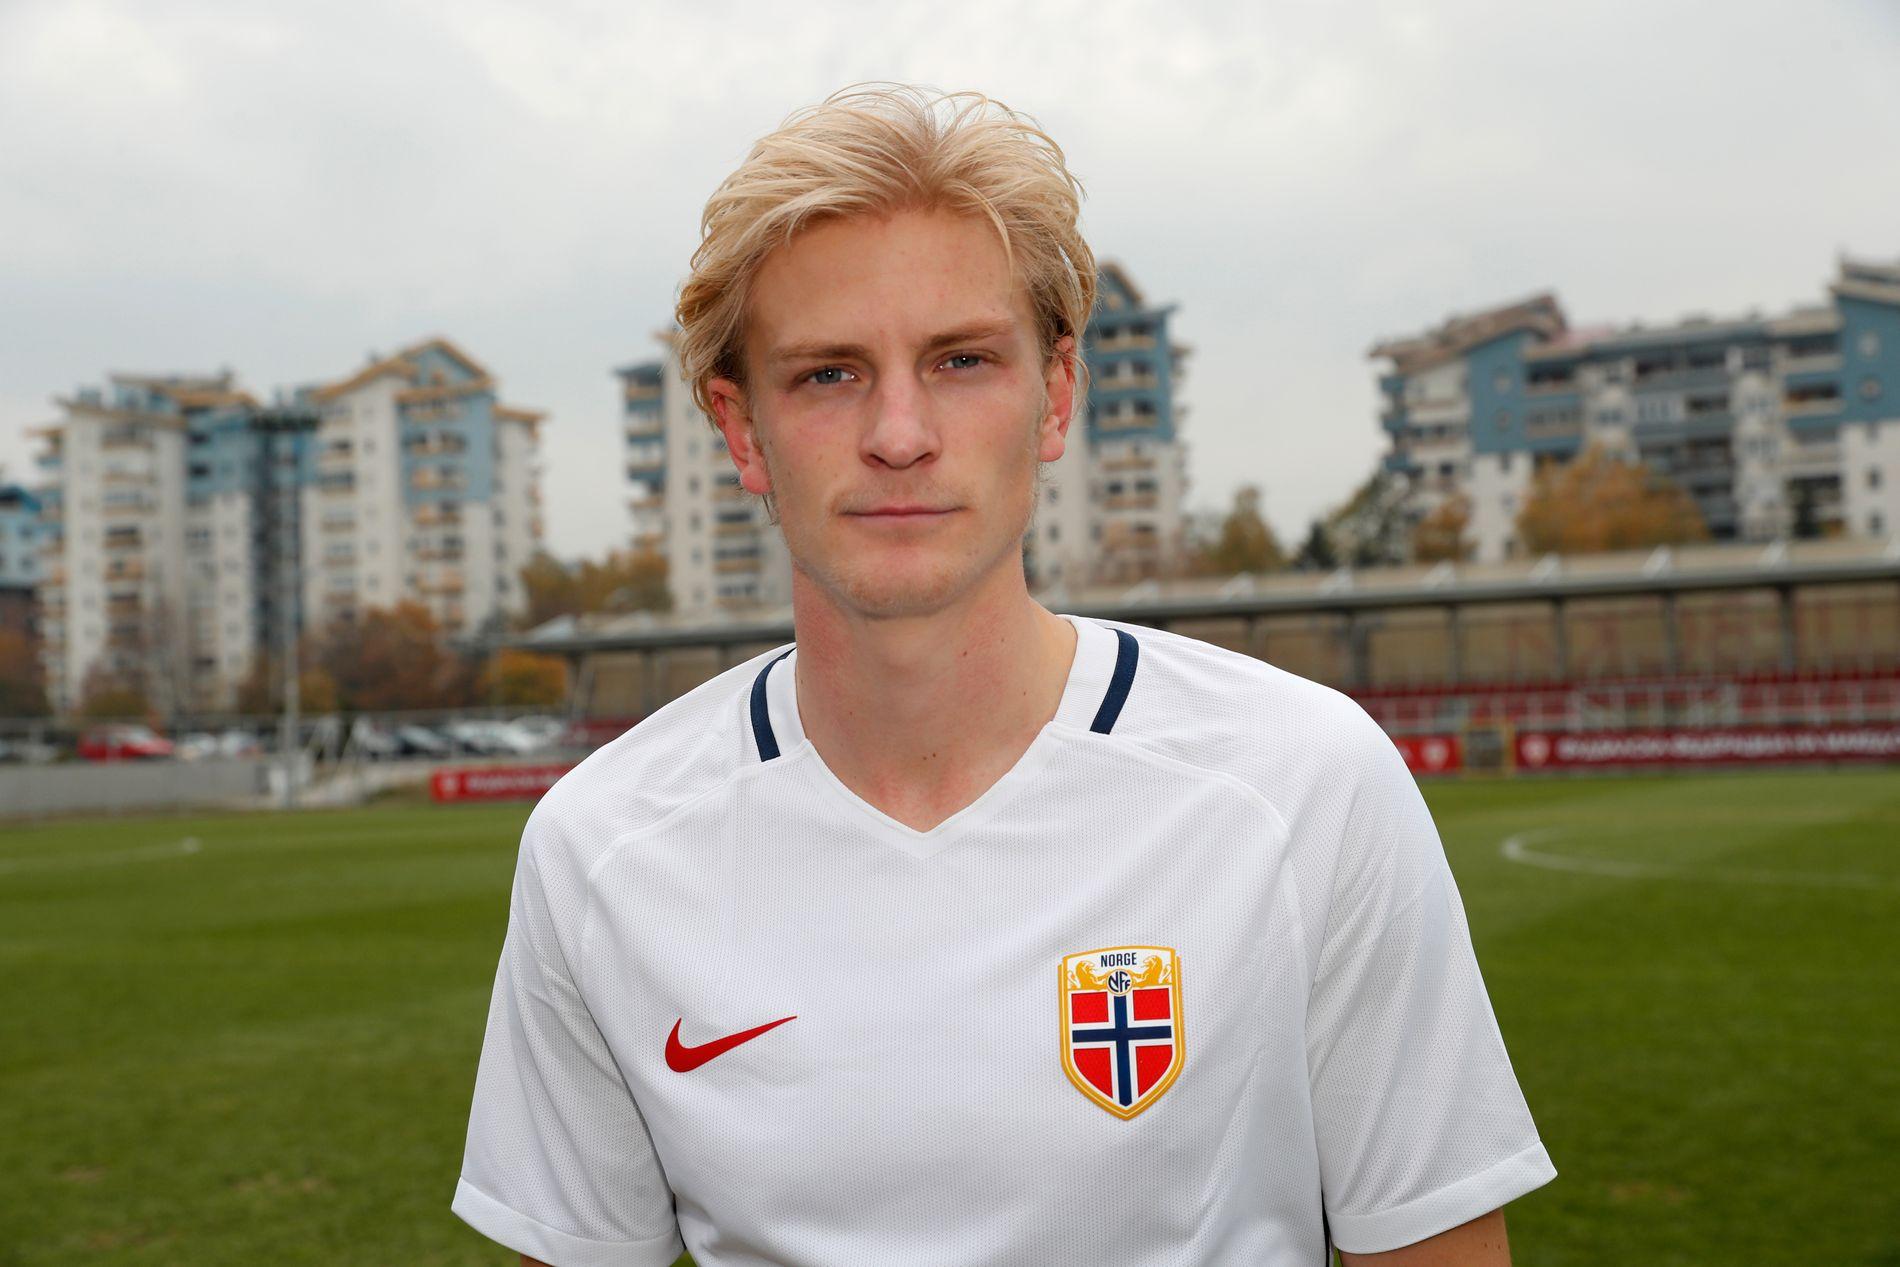 TIL ITALIA: Norge får en ny Serie A-proff i Morten Thorsby, som her er avbildet på landslagssamling.